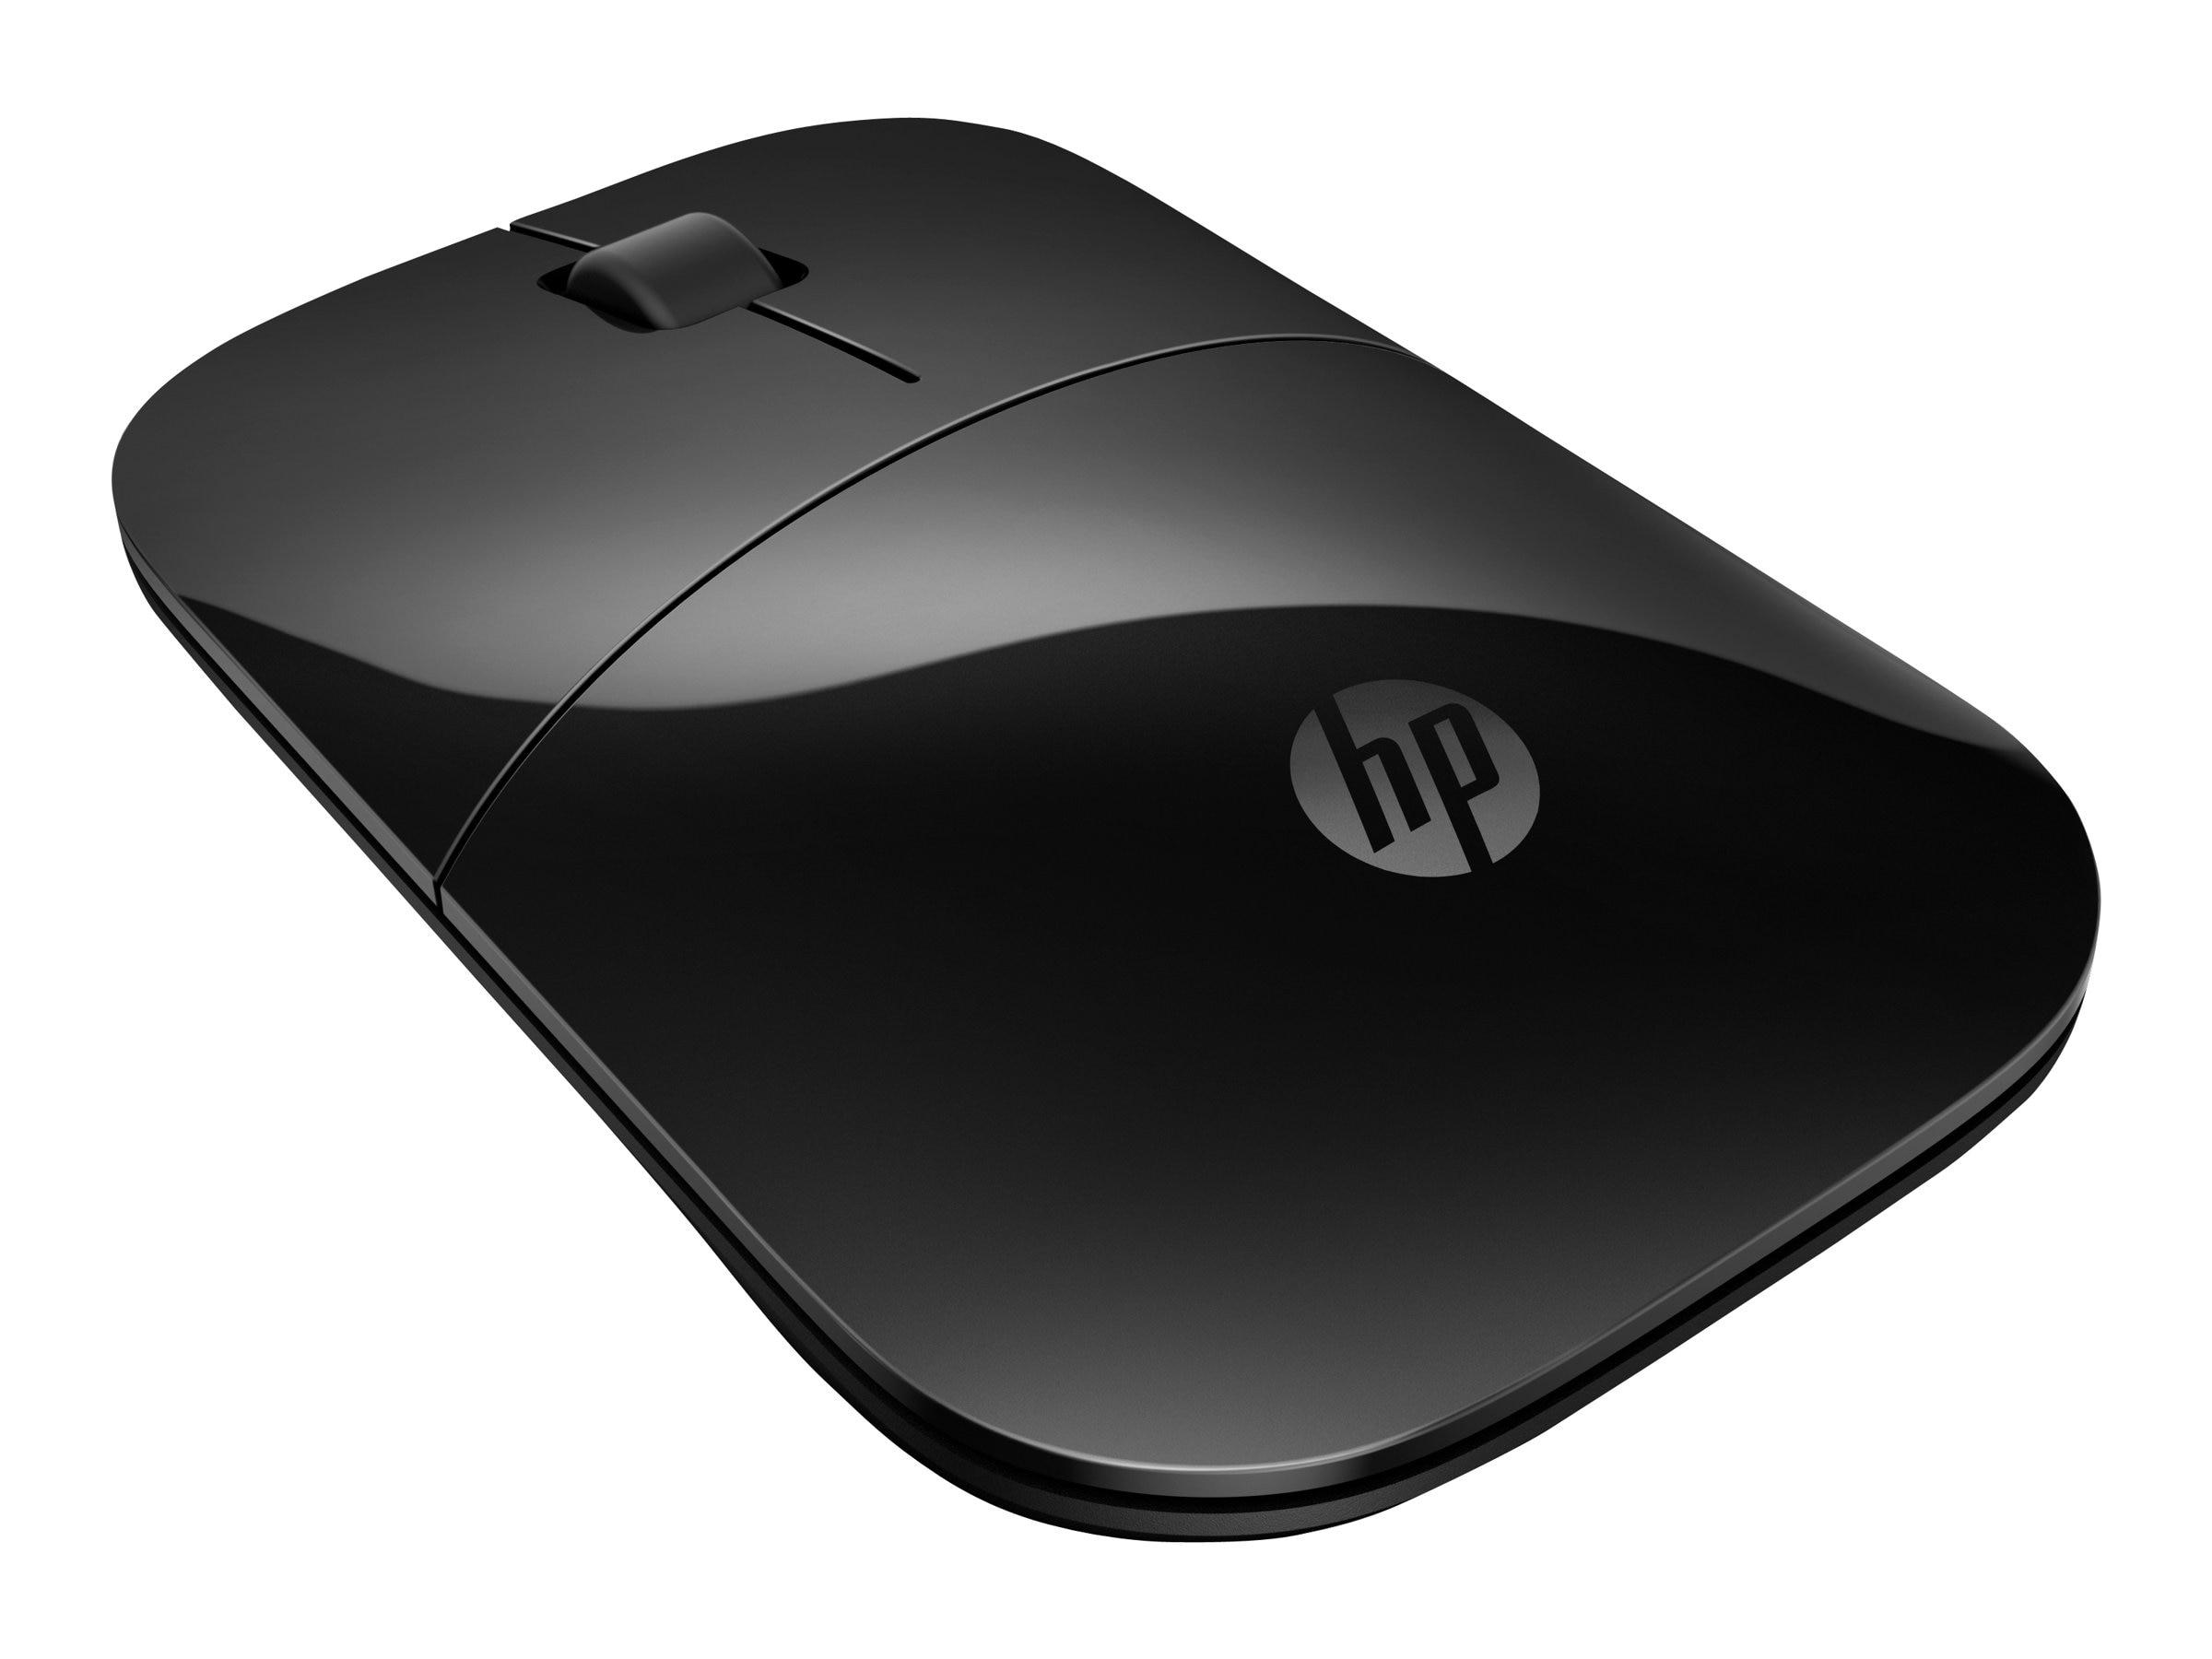 HP Inc. V0L79AA#ABL Image 1